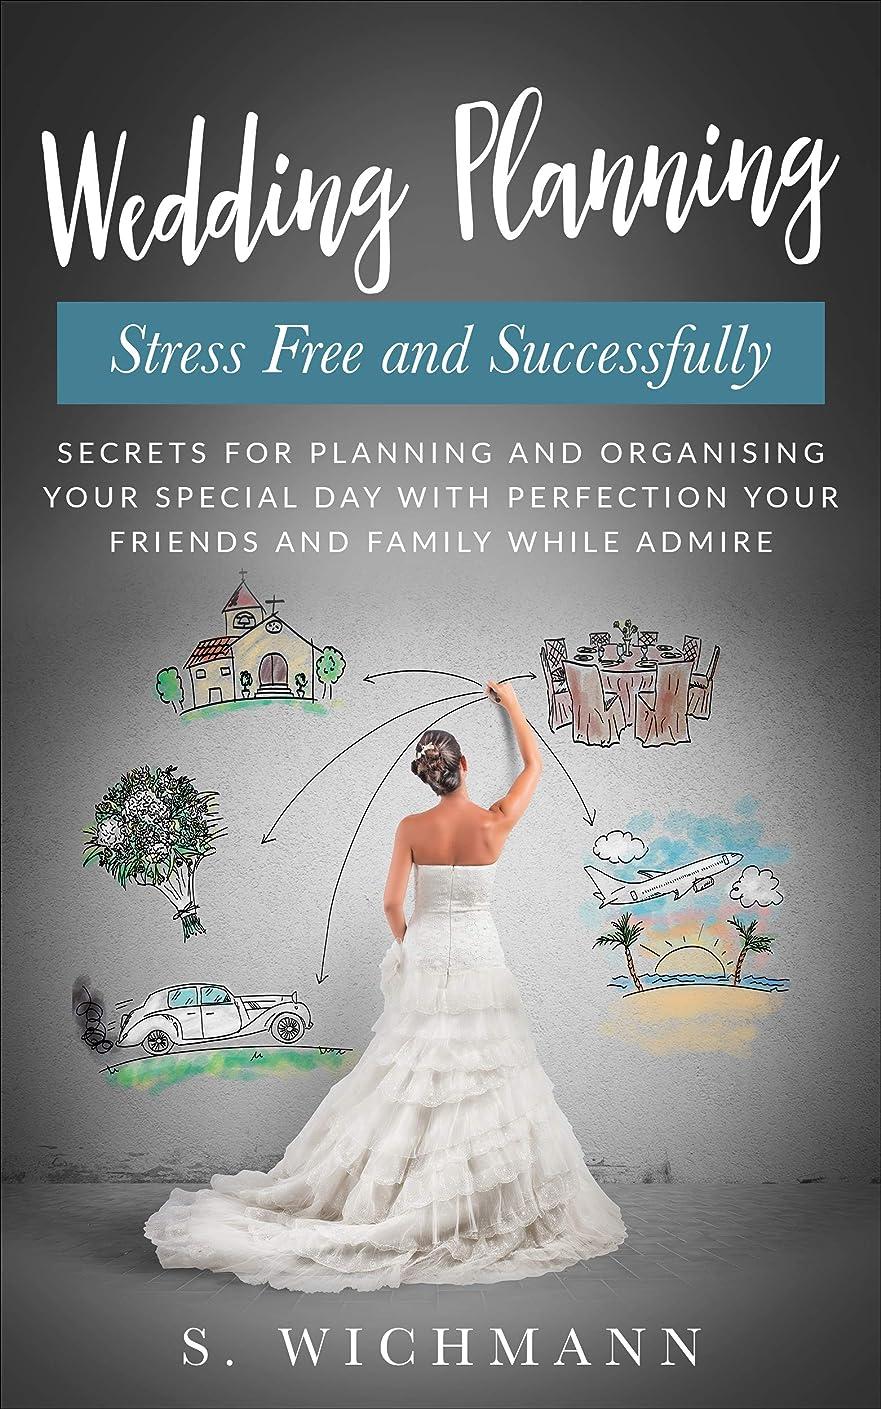 名誉軍孤独Wedding Planning: Stress Free And Successfully (Organising, Stress Free, Special Day, Family) (English Edition)